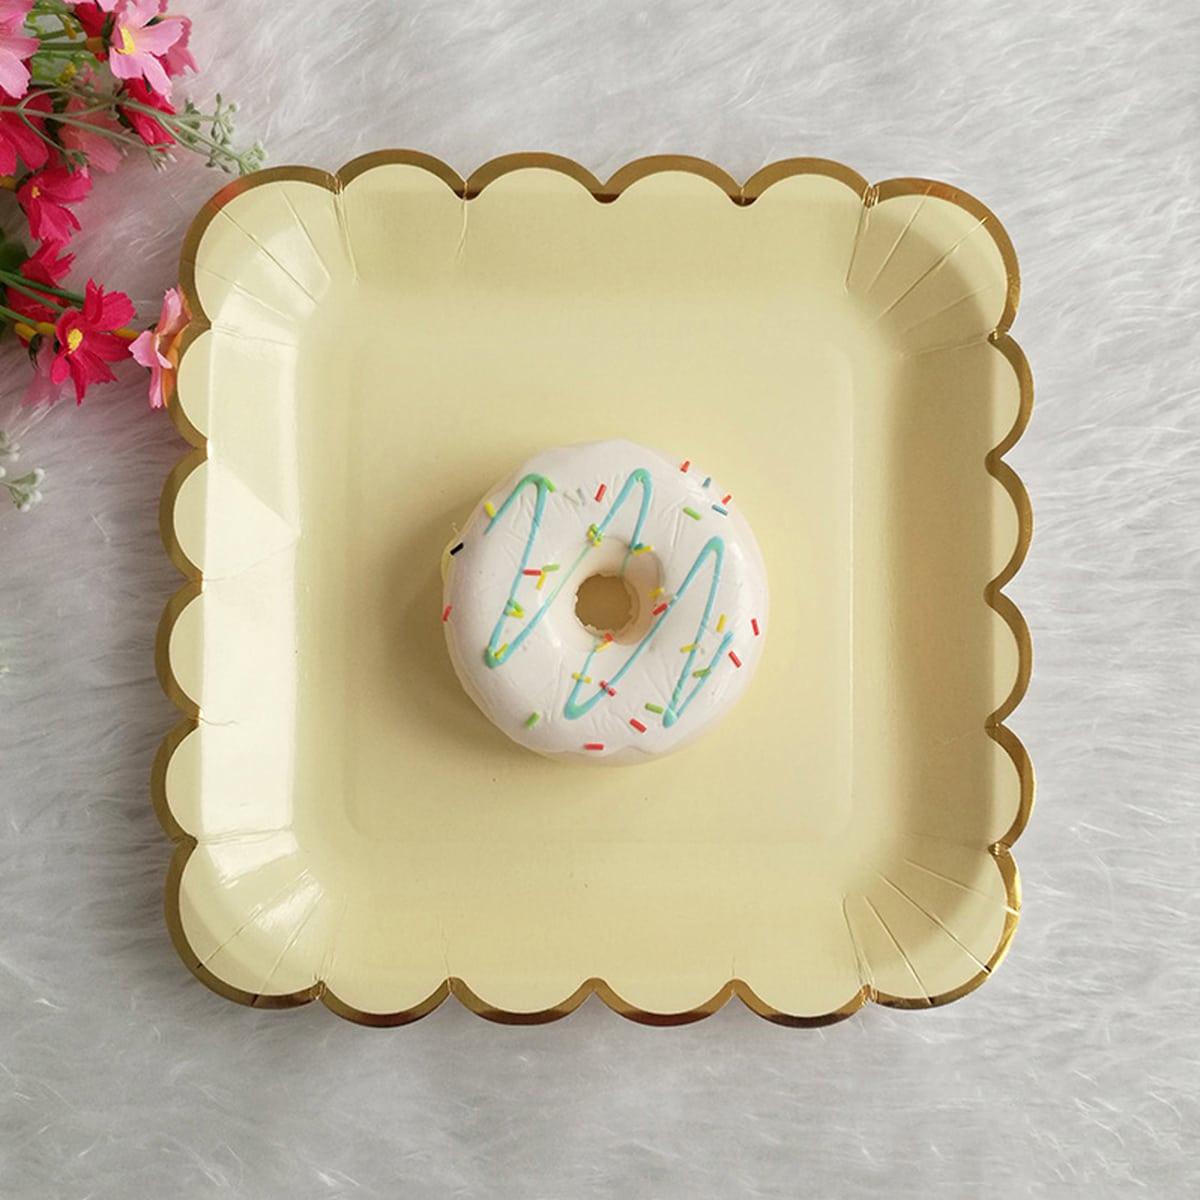 8шт одноразовая квадратная тарелка